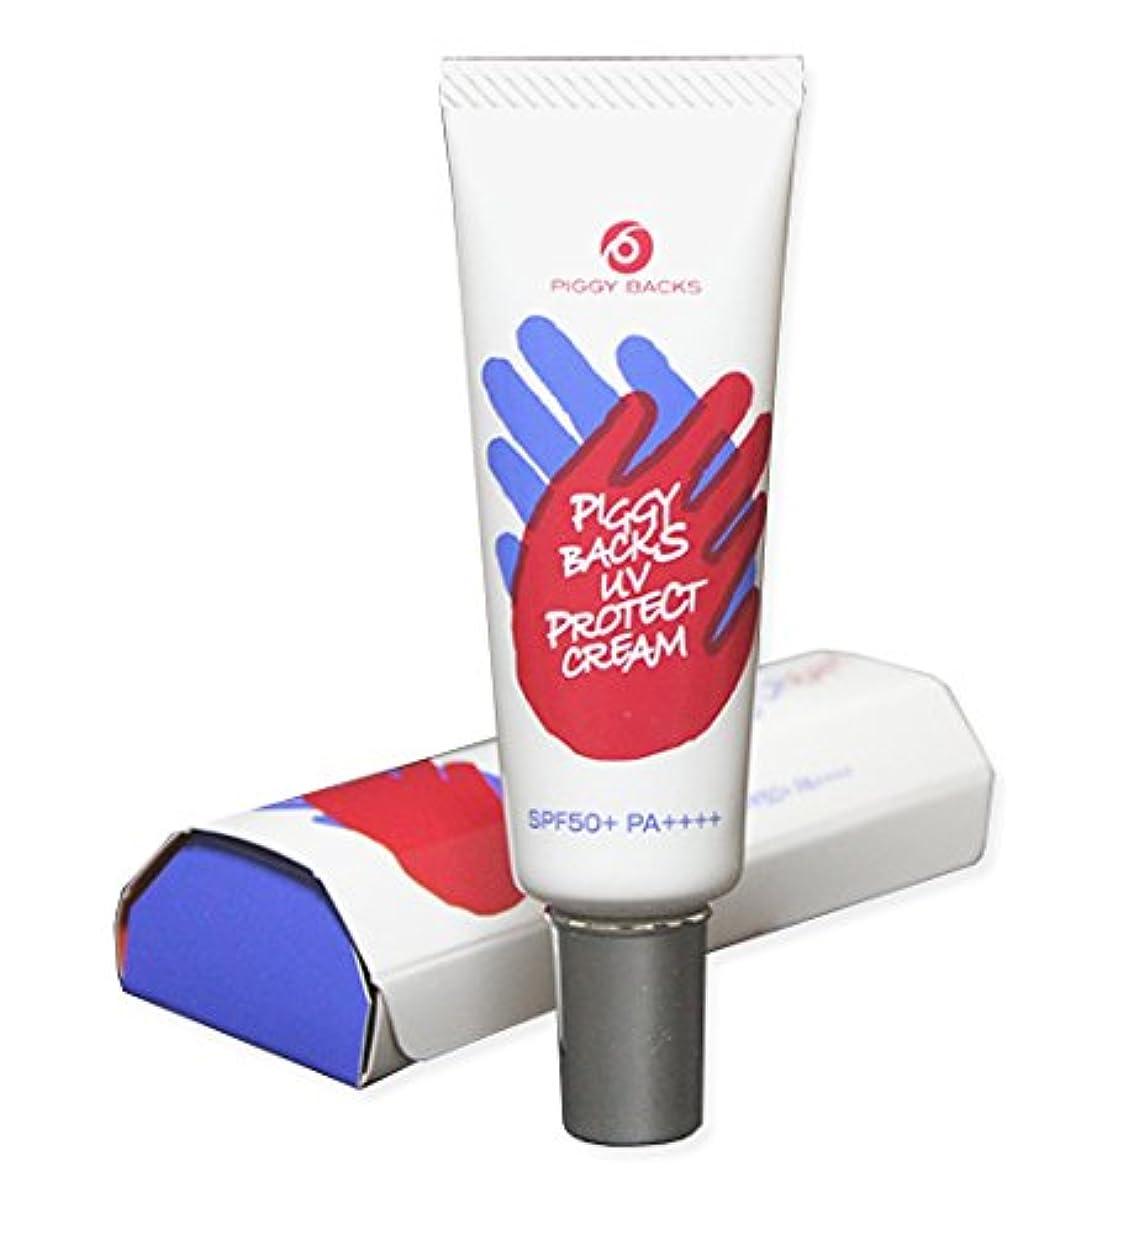 困難マニュアル眠りピギーバックス UVプロテクトクリーム【SPF50+、PA++++】国内最高紫外線防御力なのにノンケミカルを実現!塗り直しがいらない日焼け止めクリーム